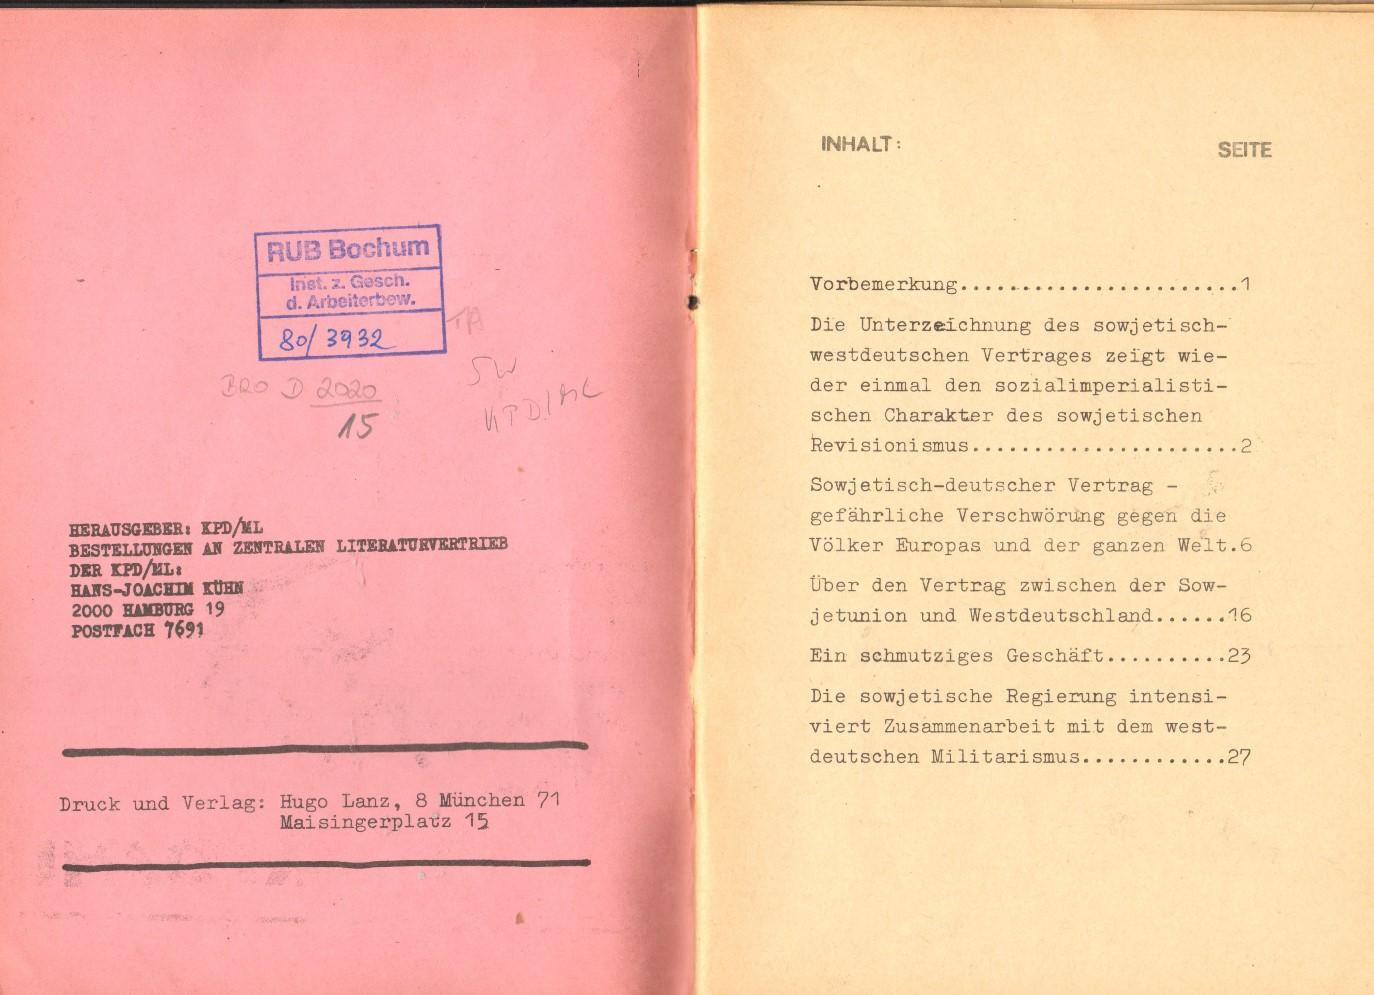 KPDML_1970_Der_sowjetisch_westdeutsche_Vertrag_03